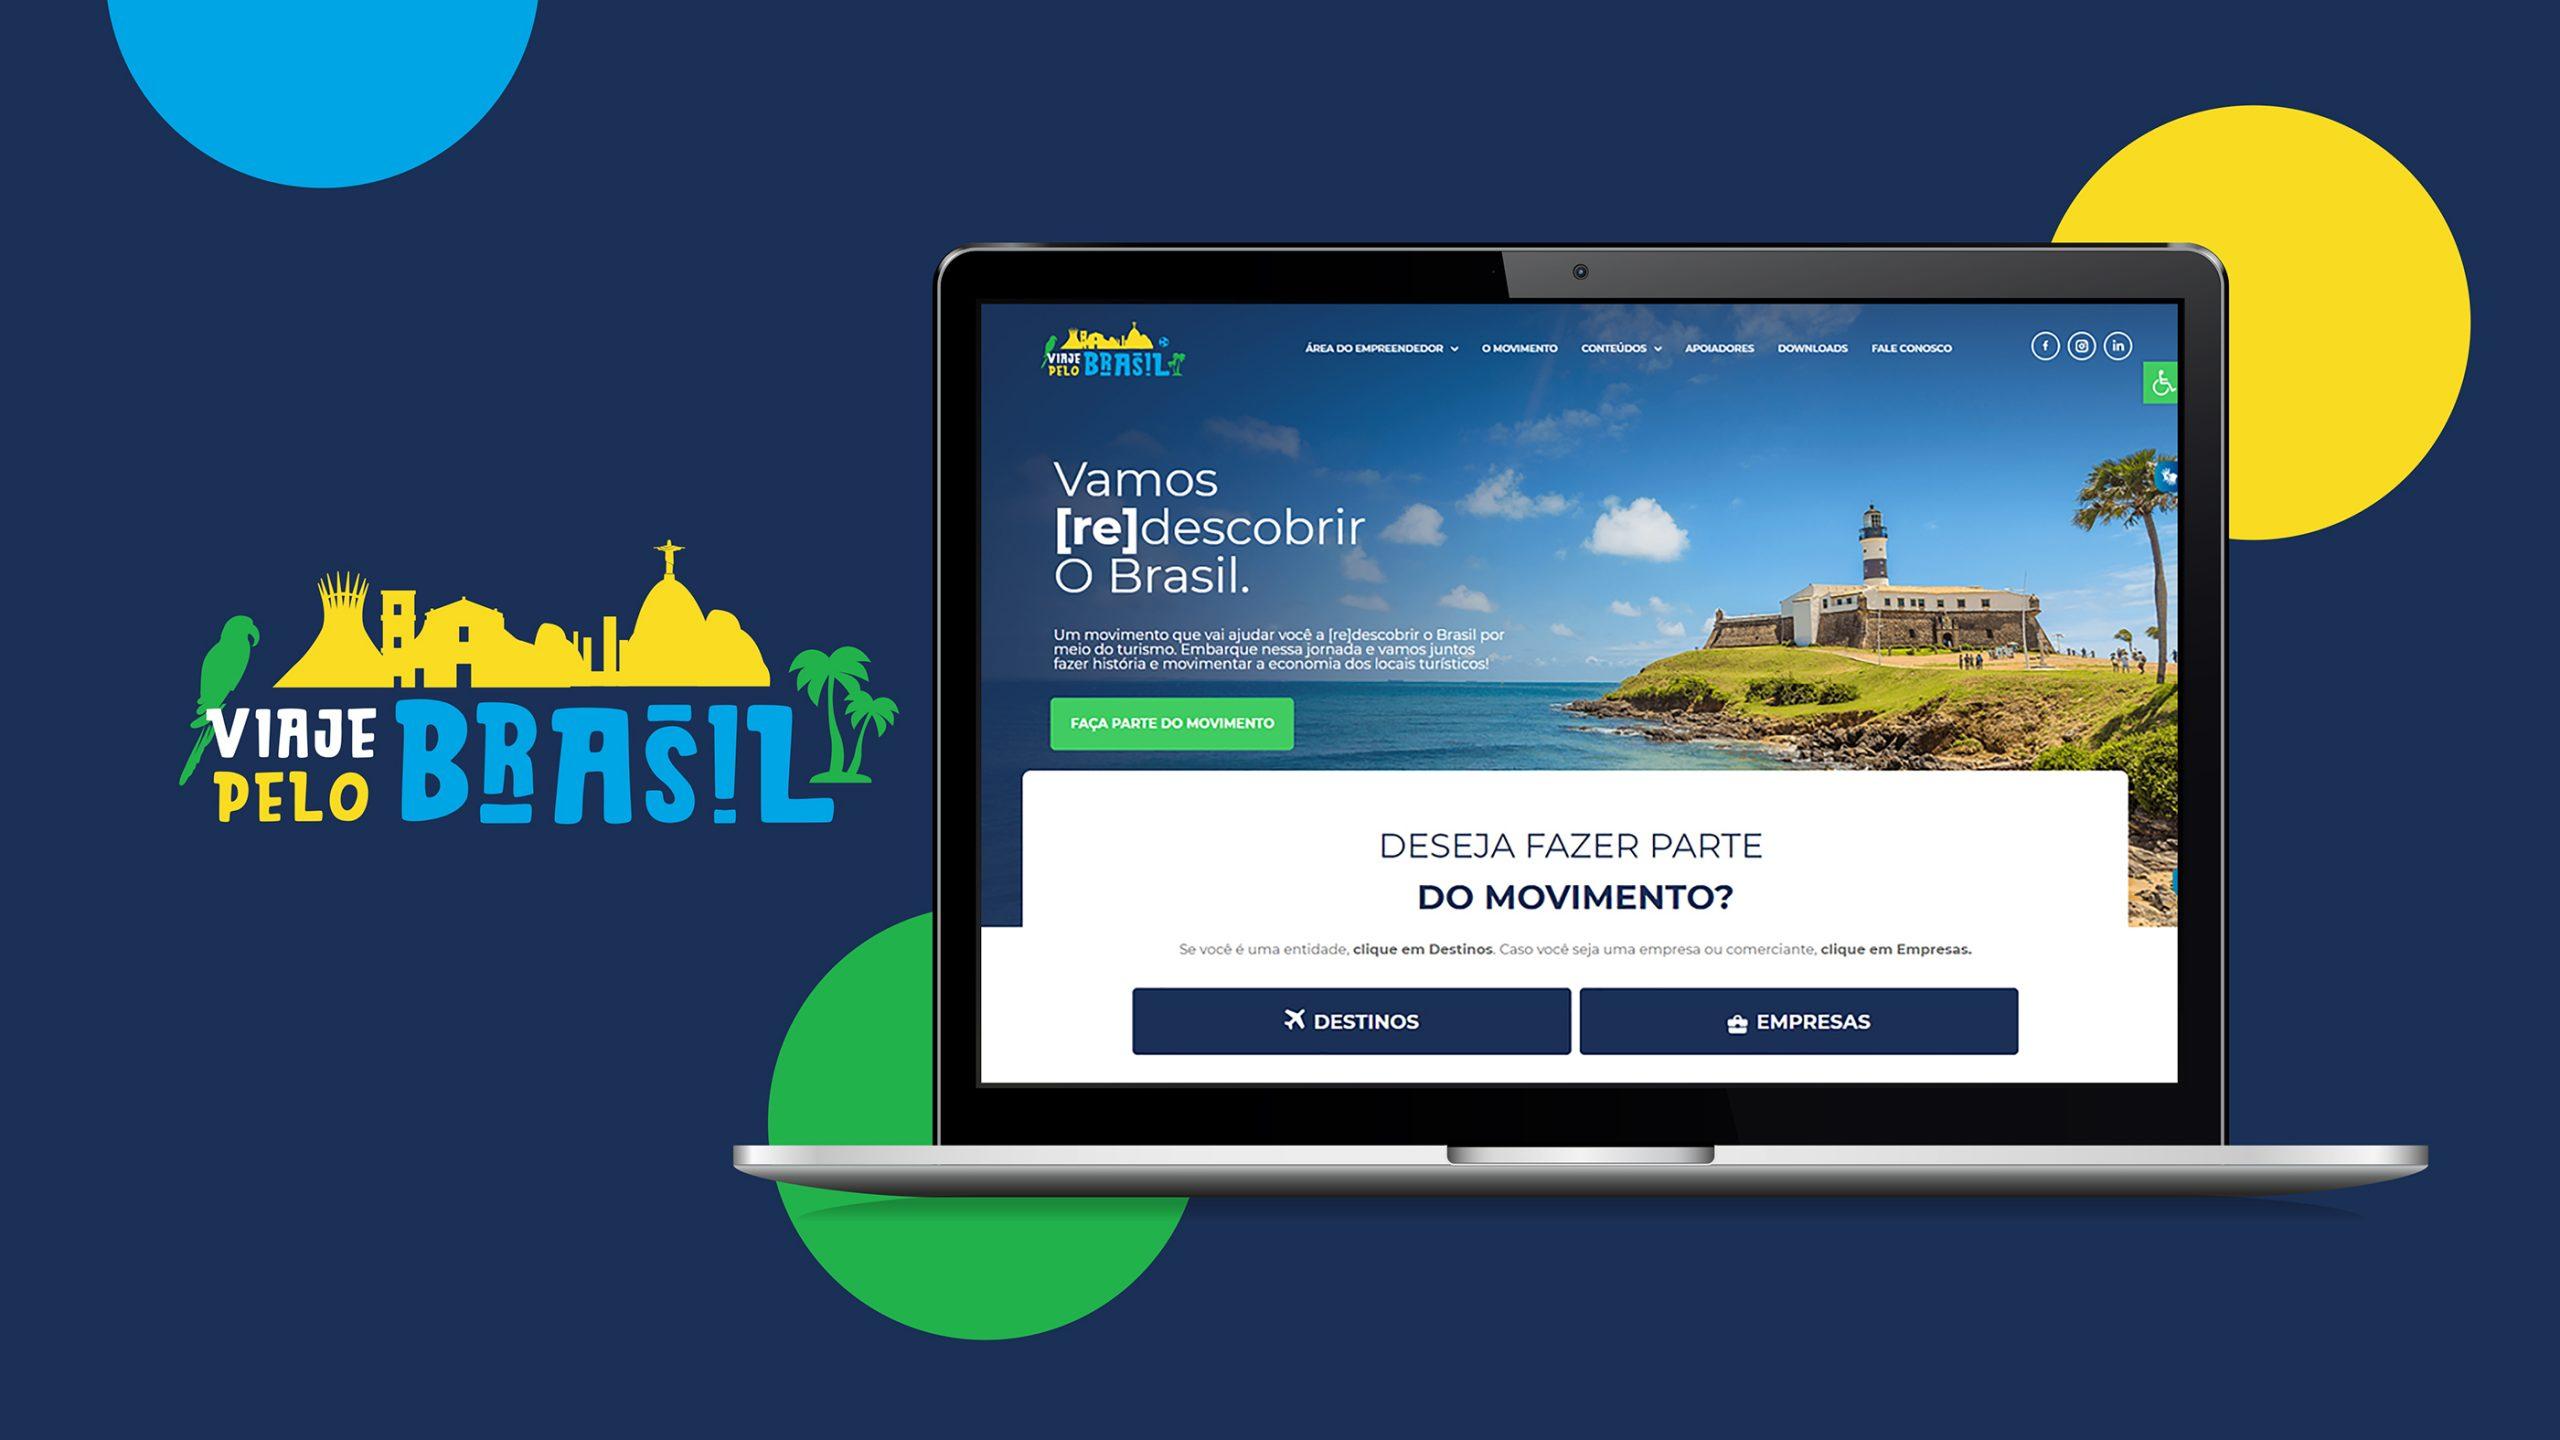 """""""Viaje pelo Brasil"""", criado pela Marcopolo, completa um ano com 330 empresas participantes e 28 destinos contemplados"""